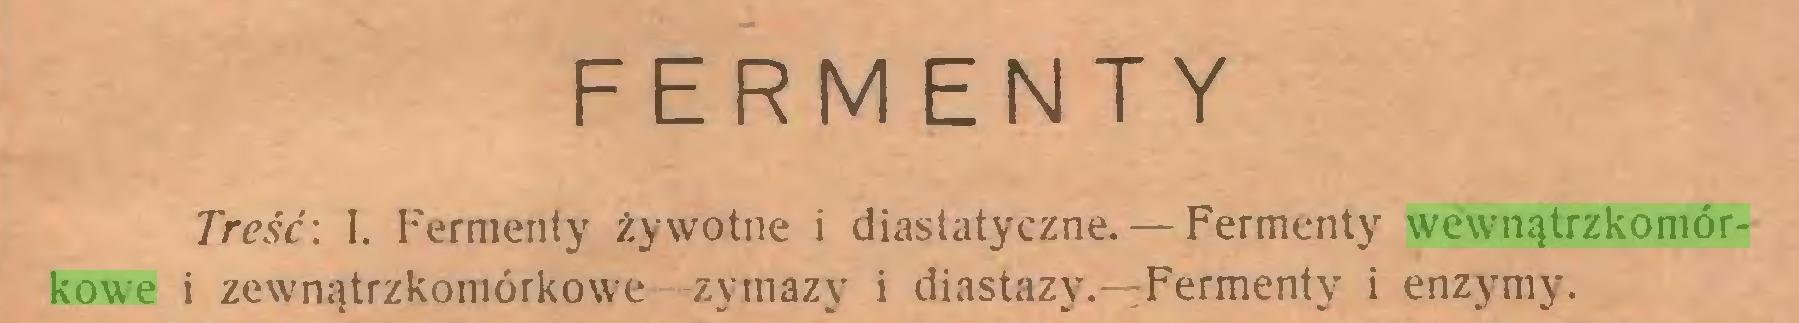 (...) FERMENTY Treść: I. Fermenty żywotne i diastatyczne.— Fermenty wewnątrzkomórkowe i zewnątrzkomórkowe -zymazy i diastazy.—Fermenty i enzymy...